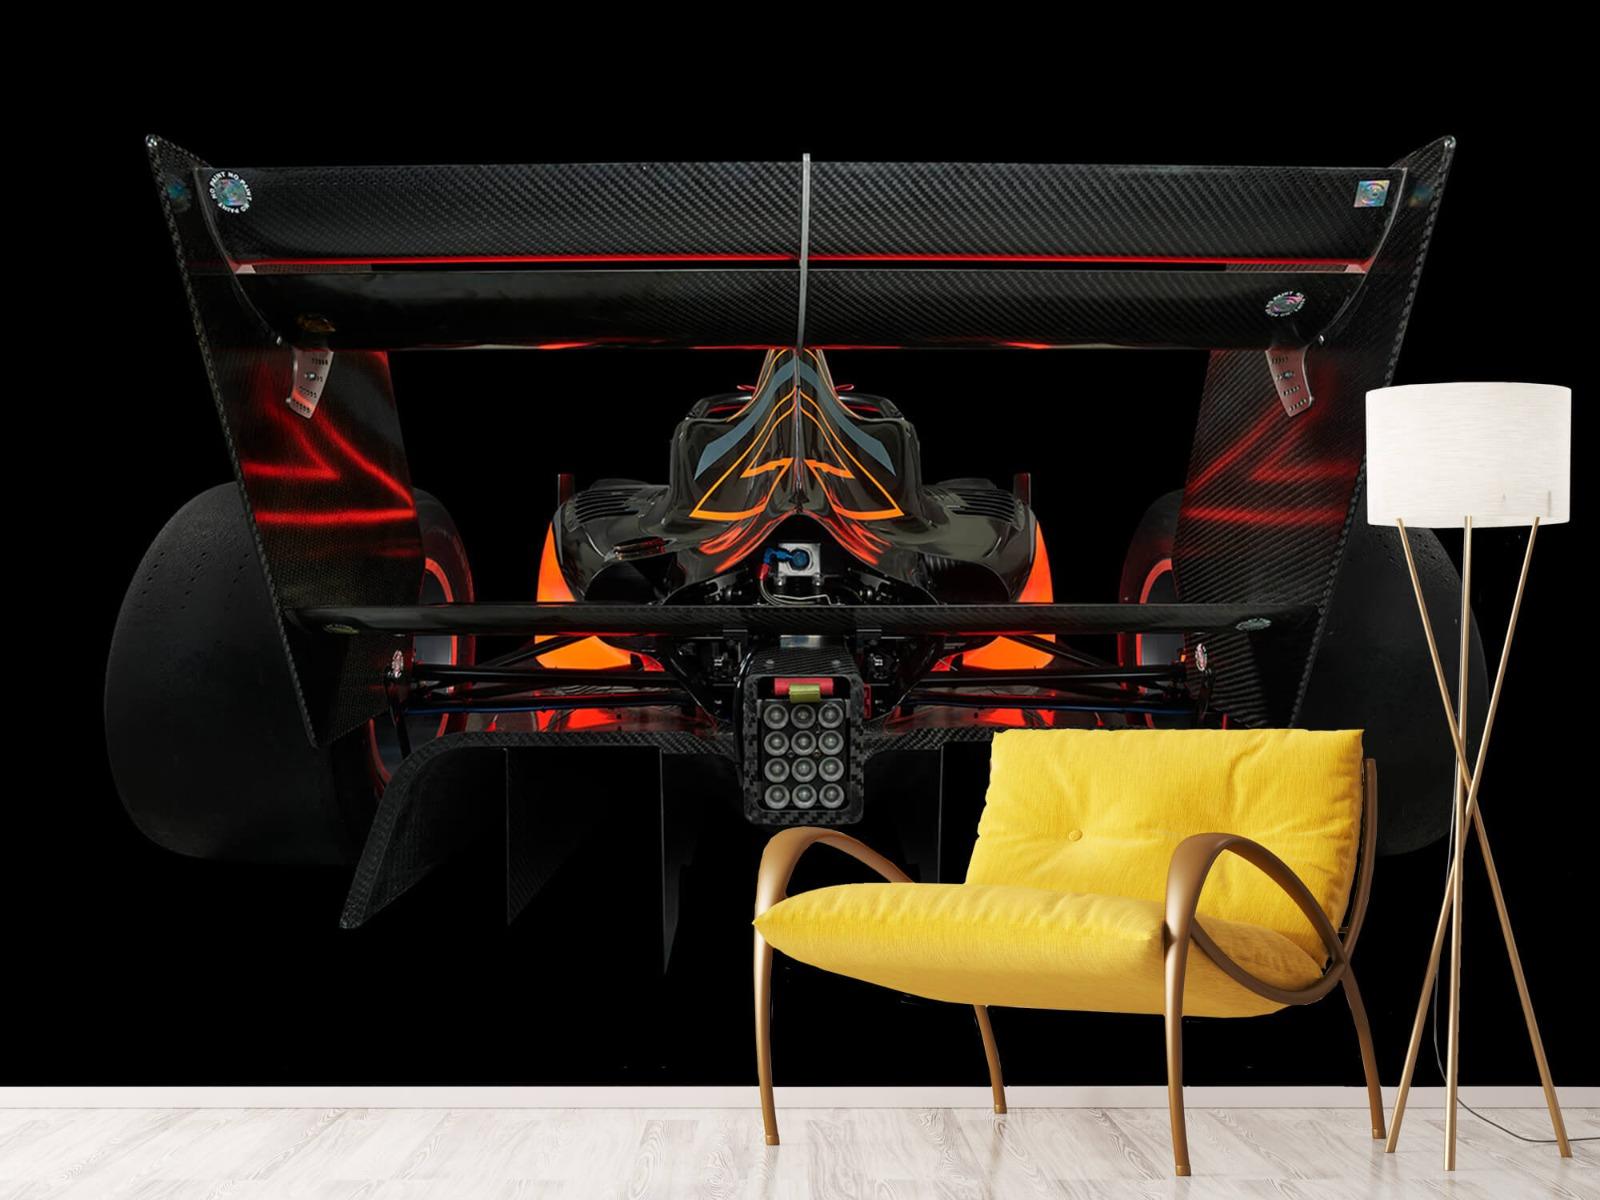 Sportauto's - Formule 3 - Lower rear view - dark - Garage 10